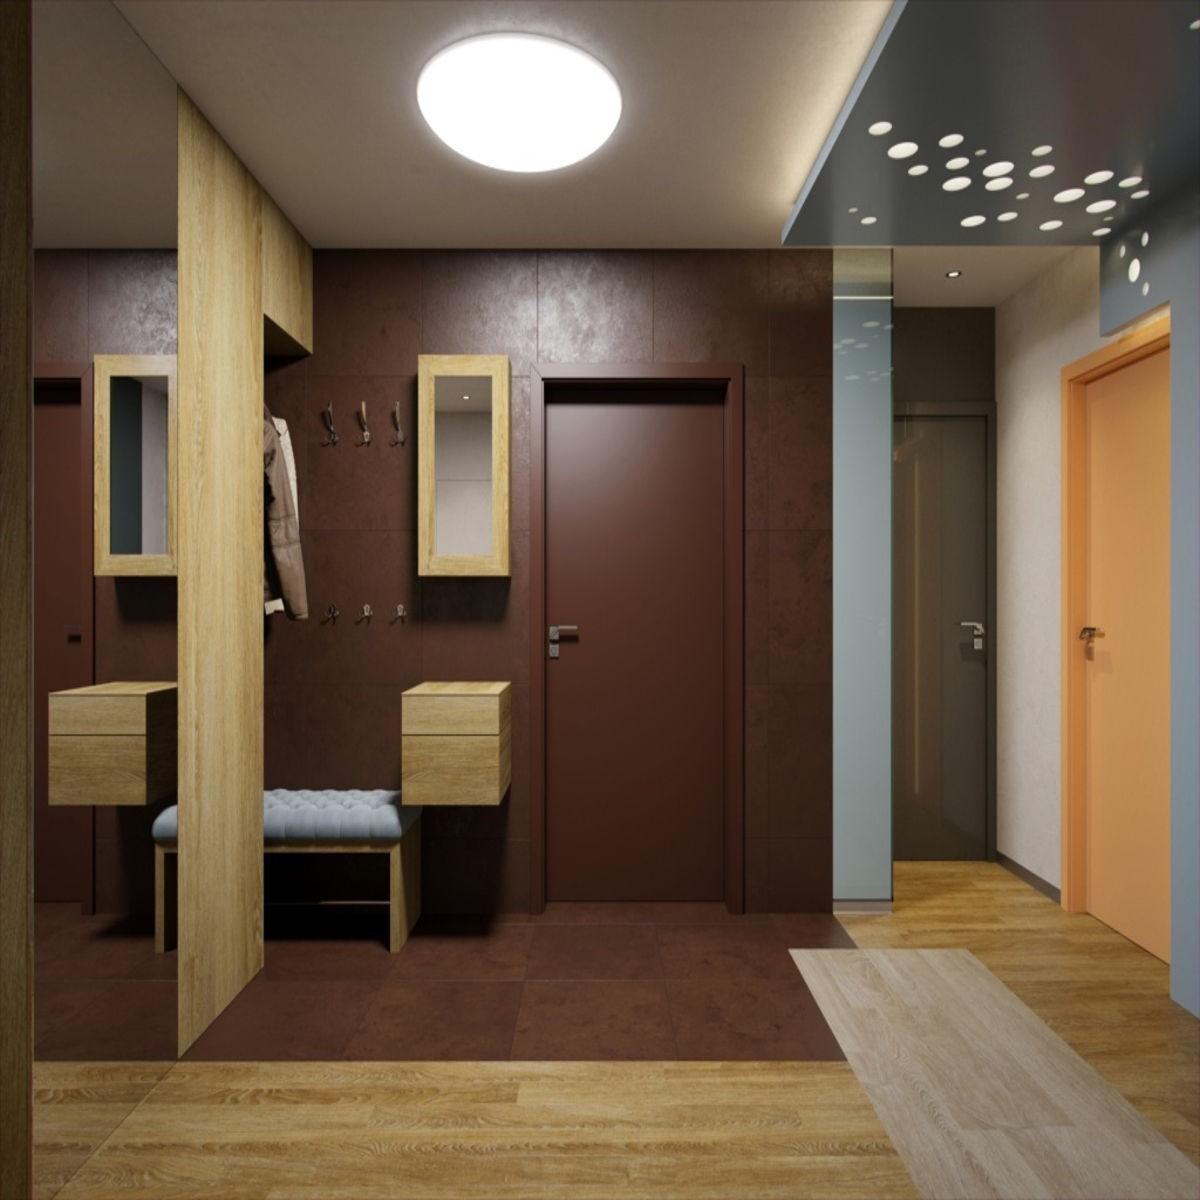 увеличение пространства в квартире